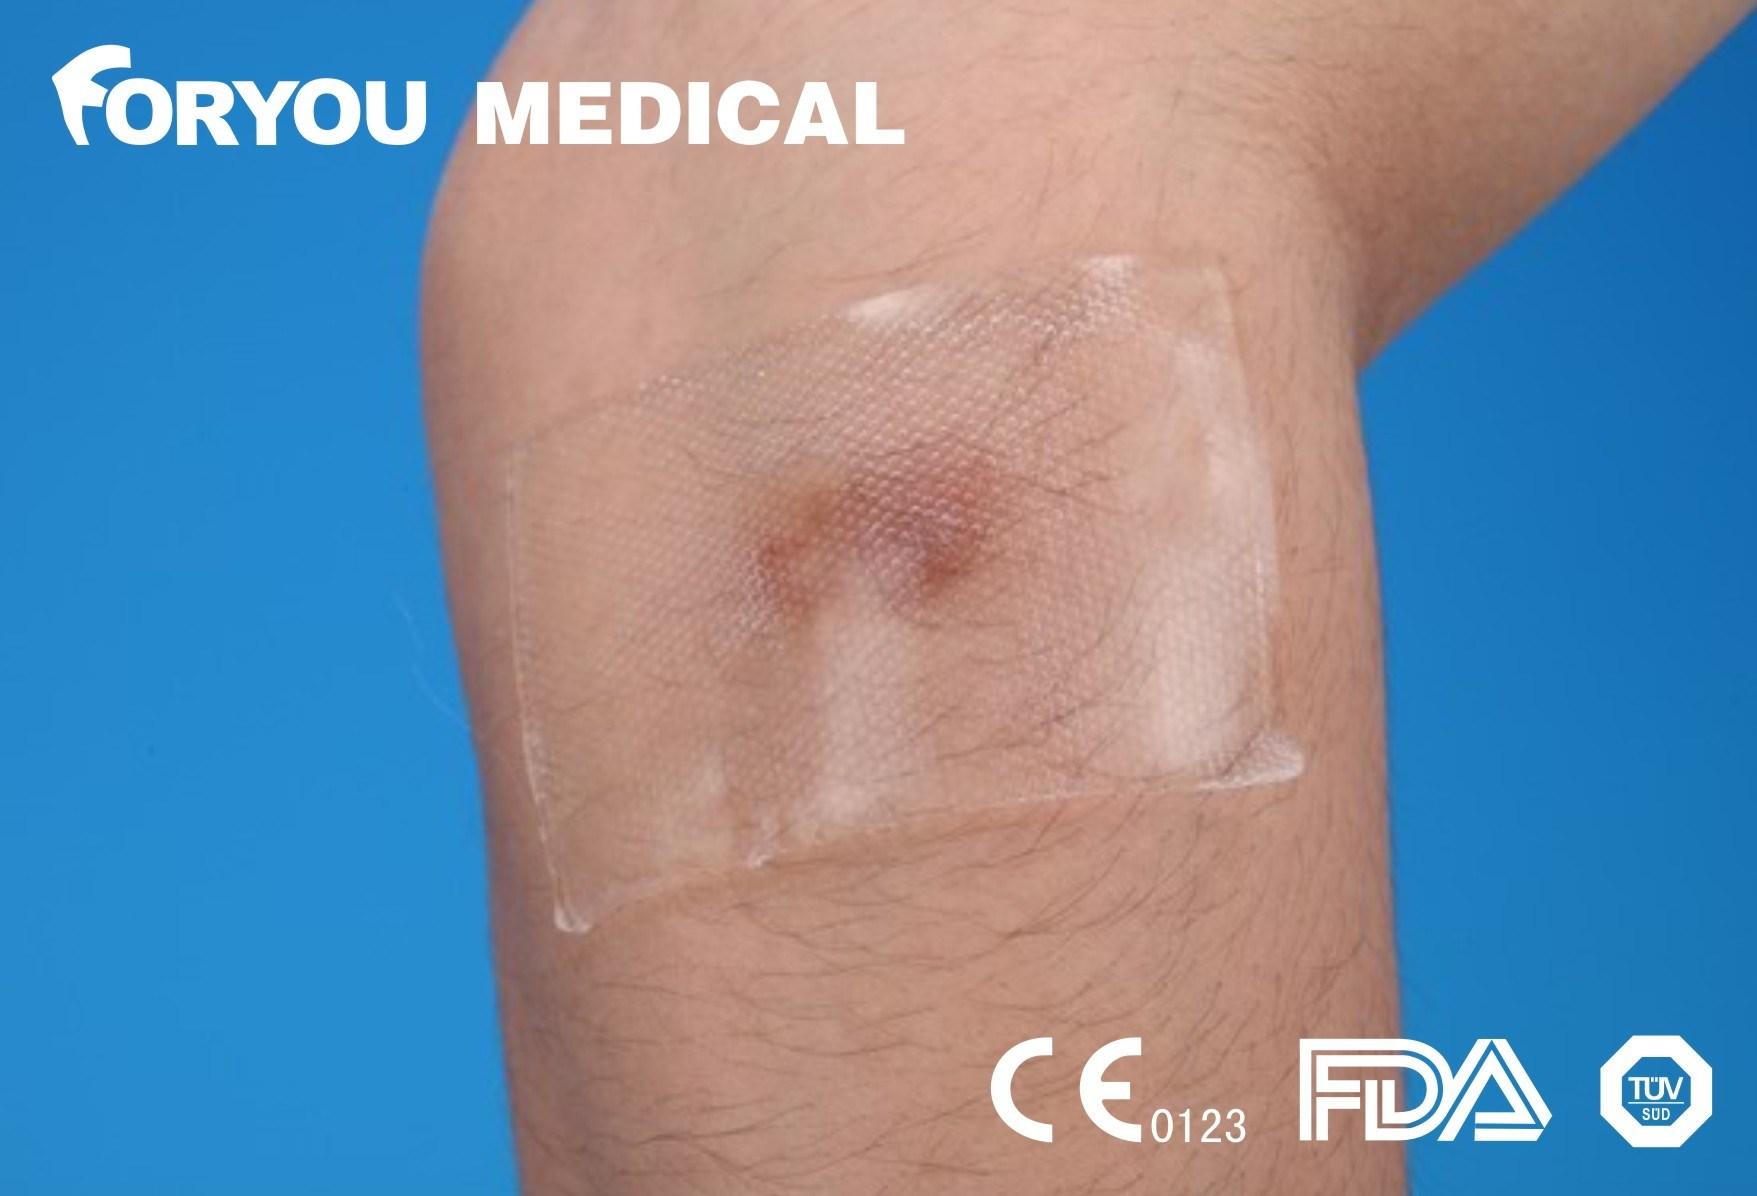 Soft Thin Medical Silicone Gel Scar Dressing